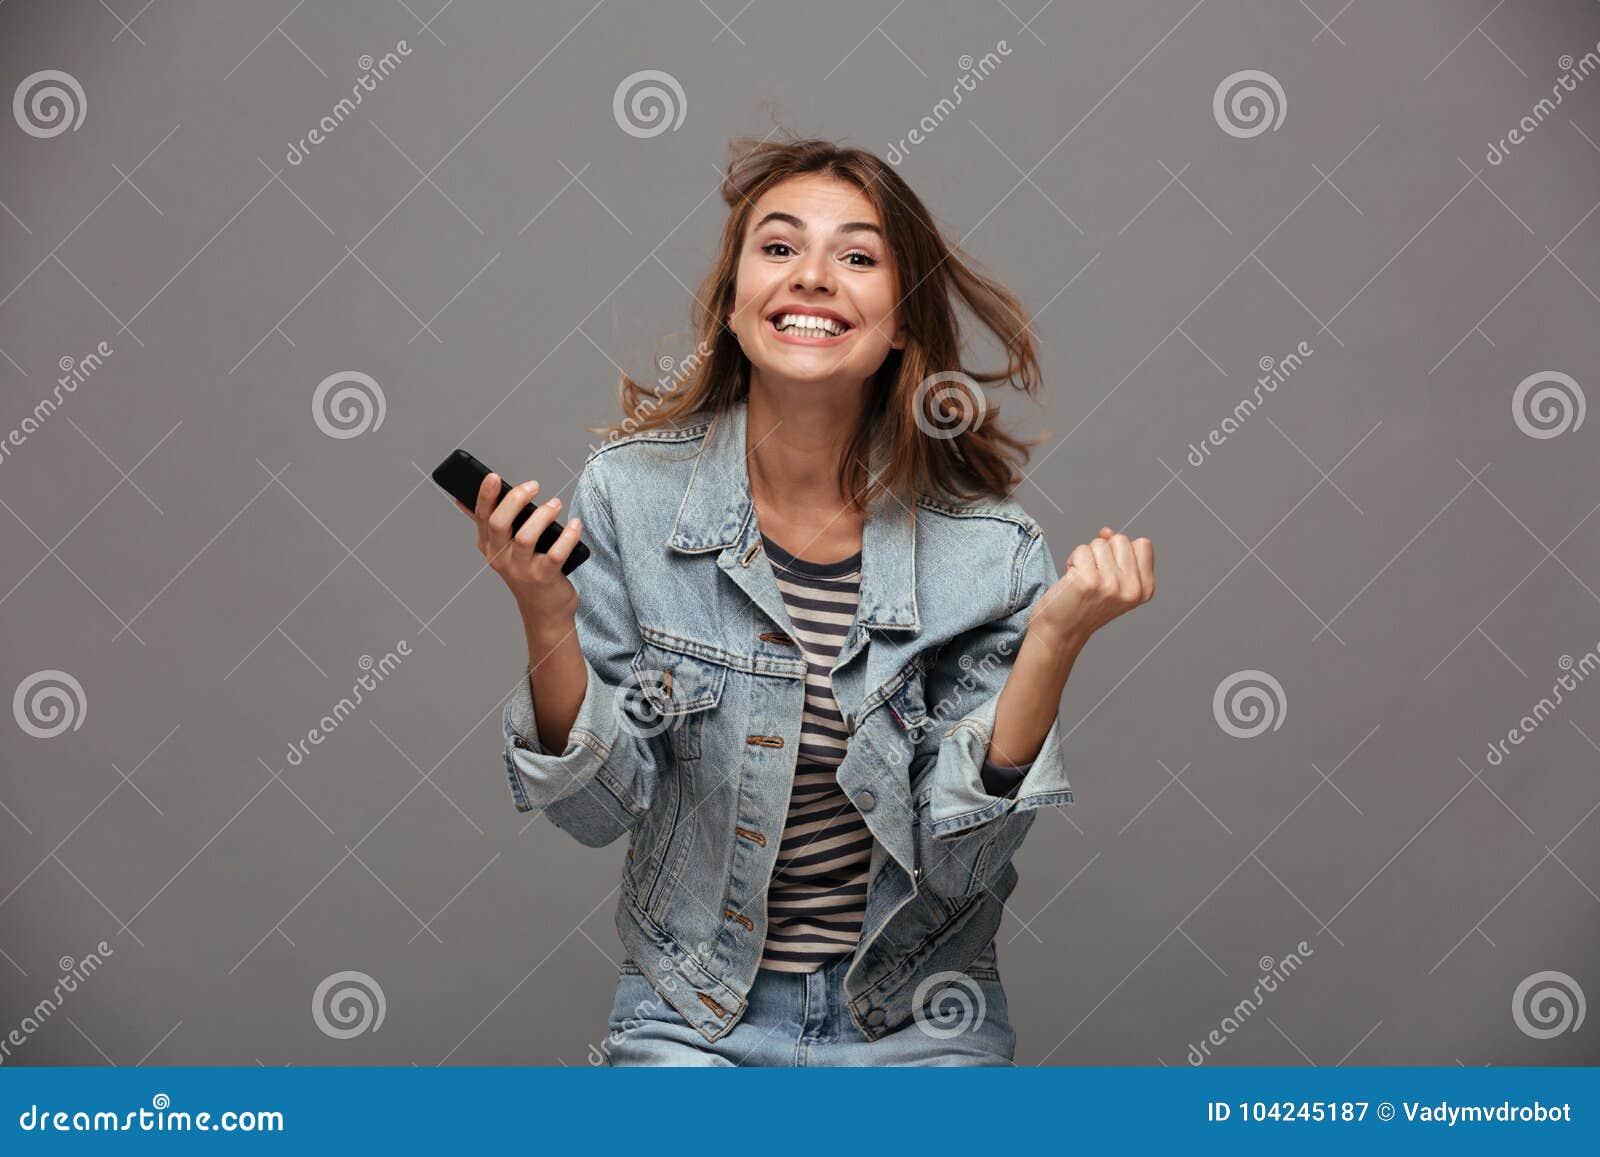 Ευτυχής νέα γυναίκα στο σακάκι τζιν που σφίγγει τις πυγμές της στο νικητή